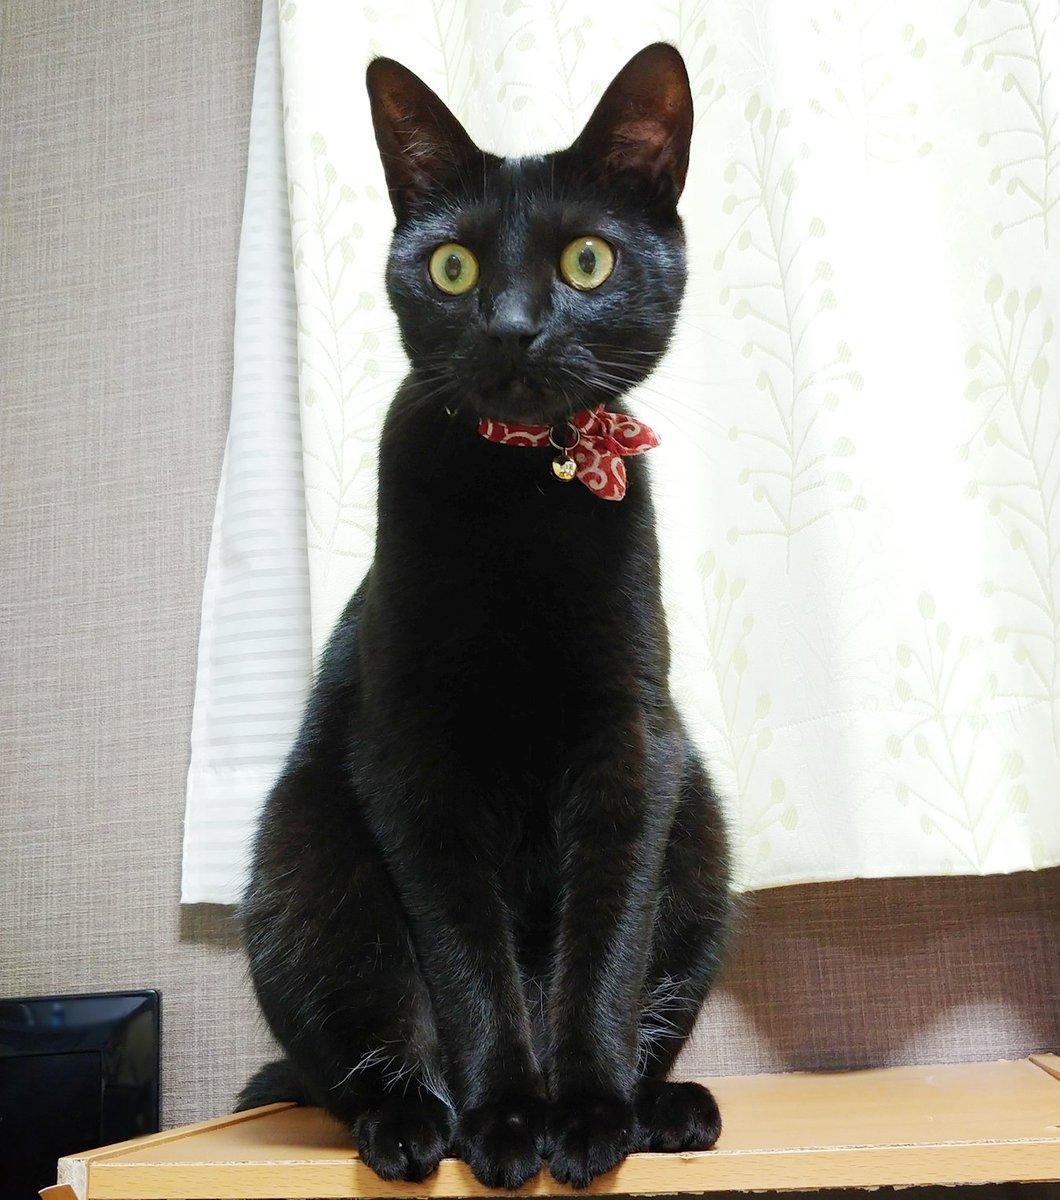 ダメ元で黒猫を「ティチャラ(黒猫の名前)だよ」と紹介したら「ティチャアア